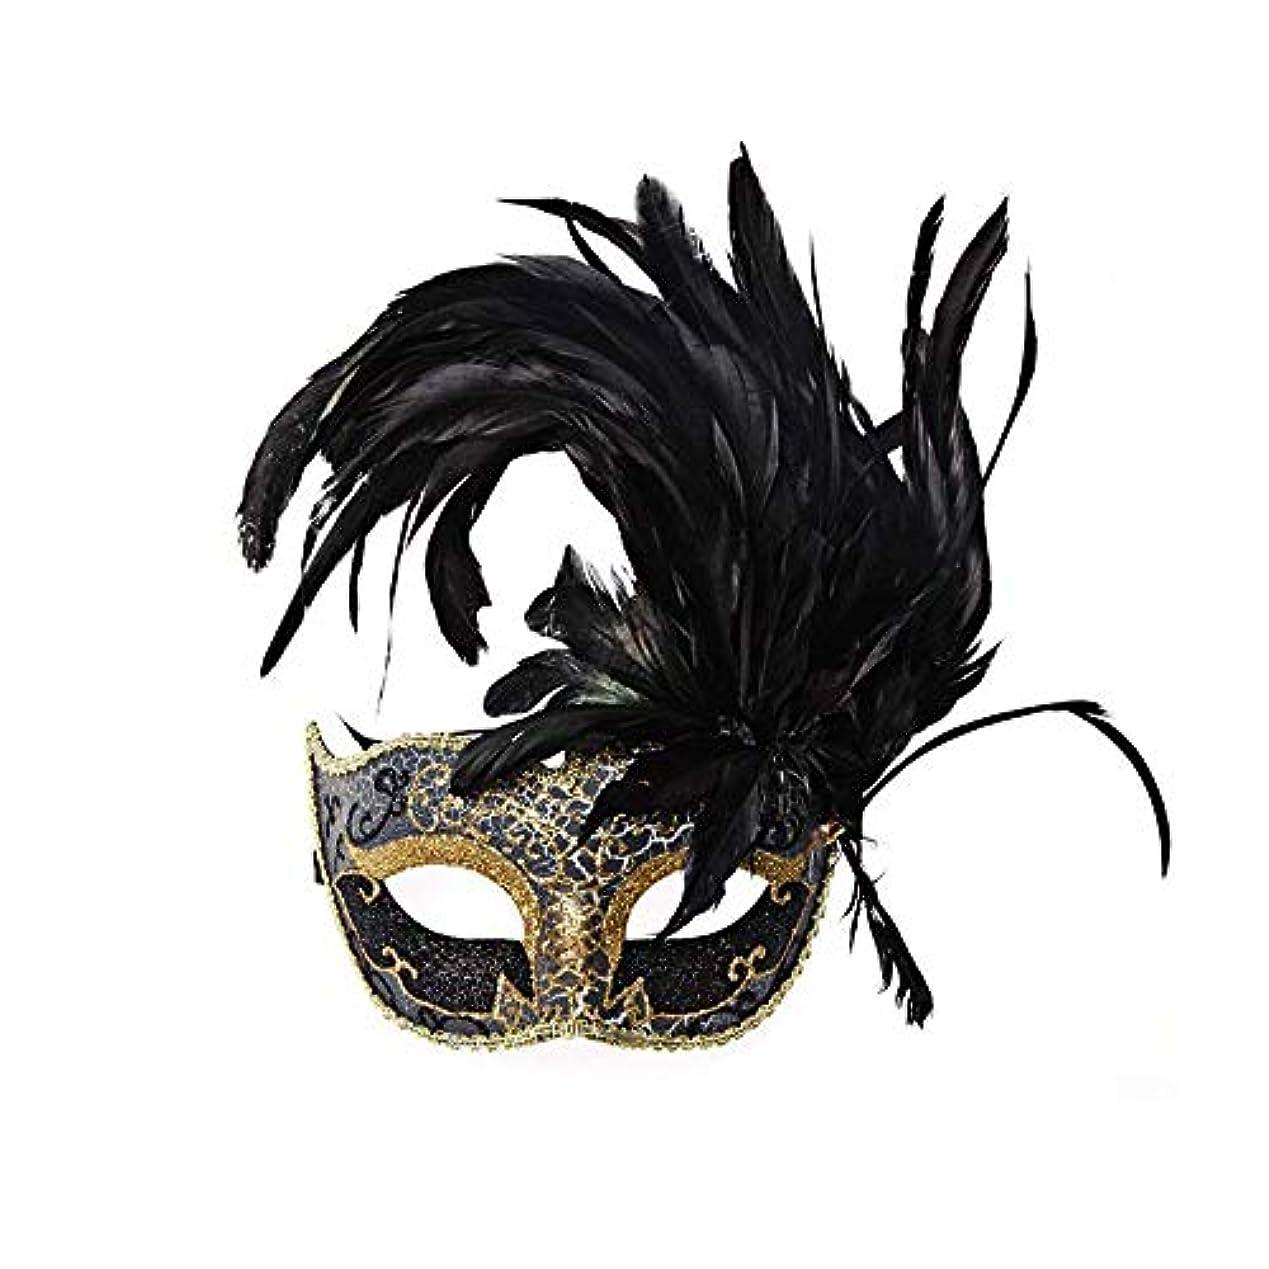 ペンフレンド領域撃退するNanle ハロウィンマスクハーフフェザーマスクベニスプリンセスマスク美容レース仮面ライダーコスプレ (色 : Style A black)